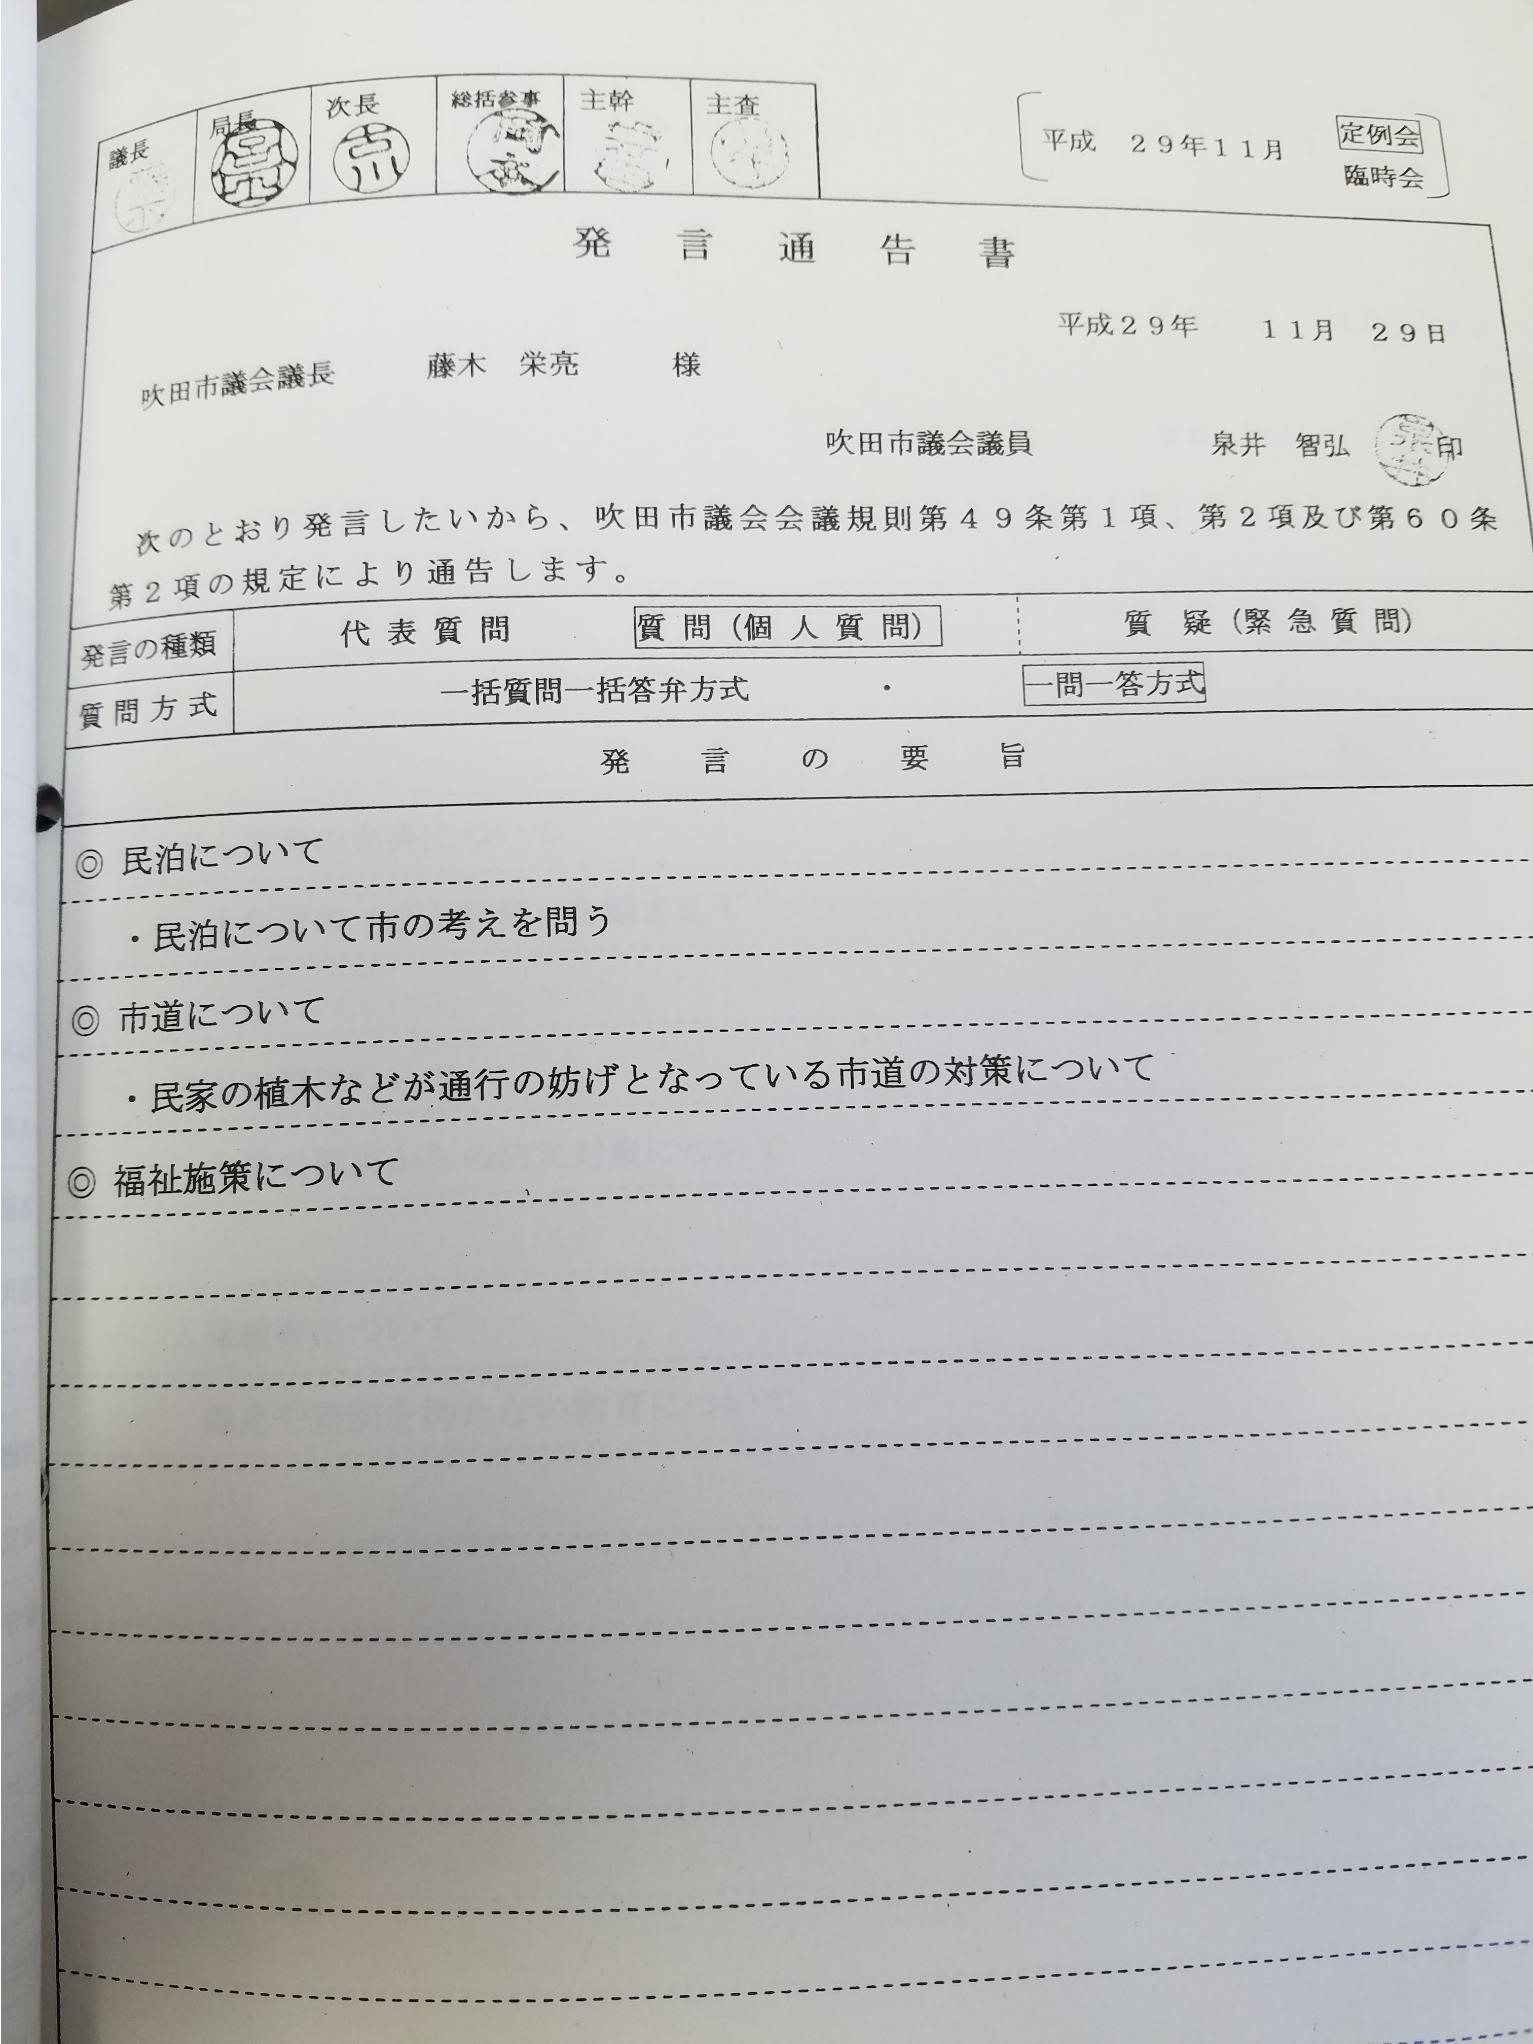 平成29年11月定例会が開会